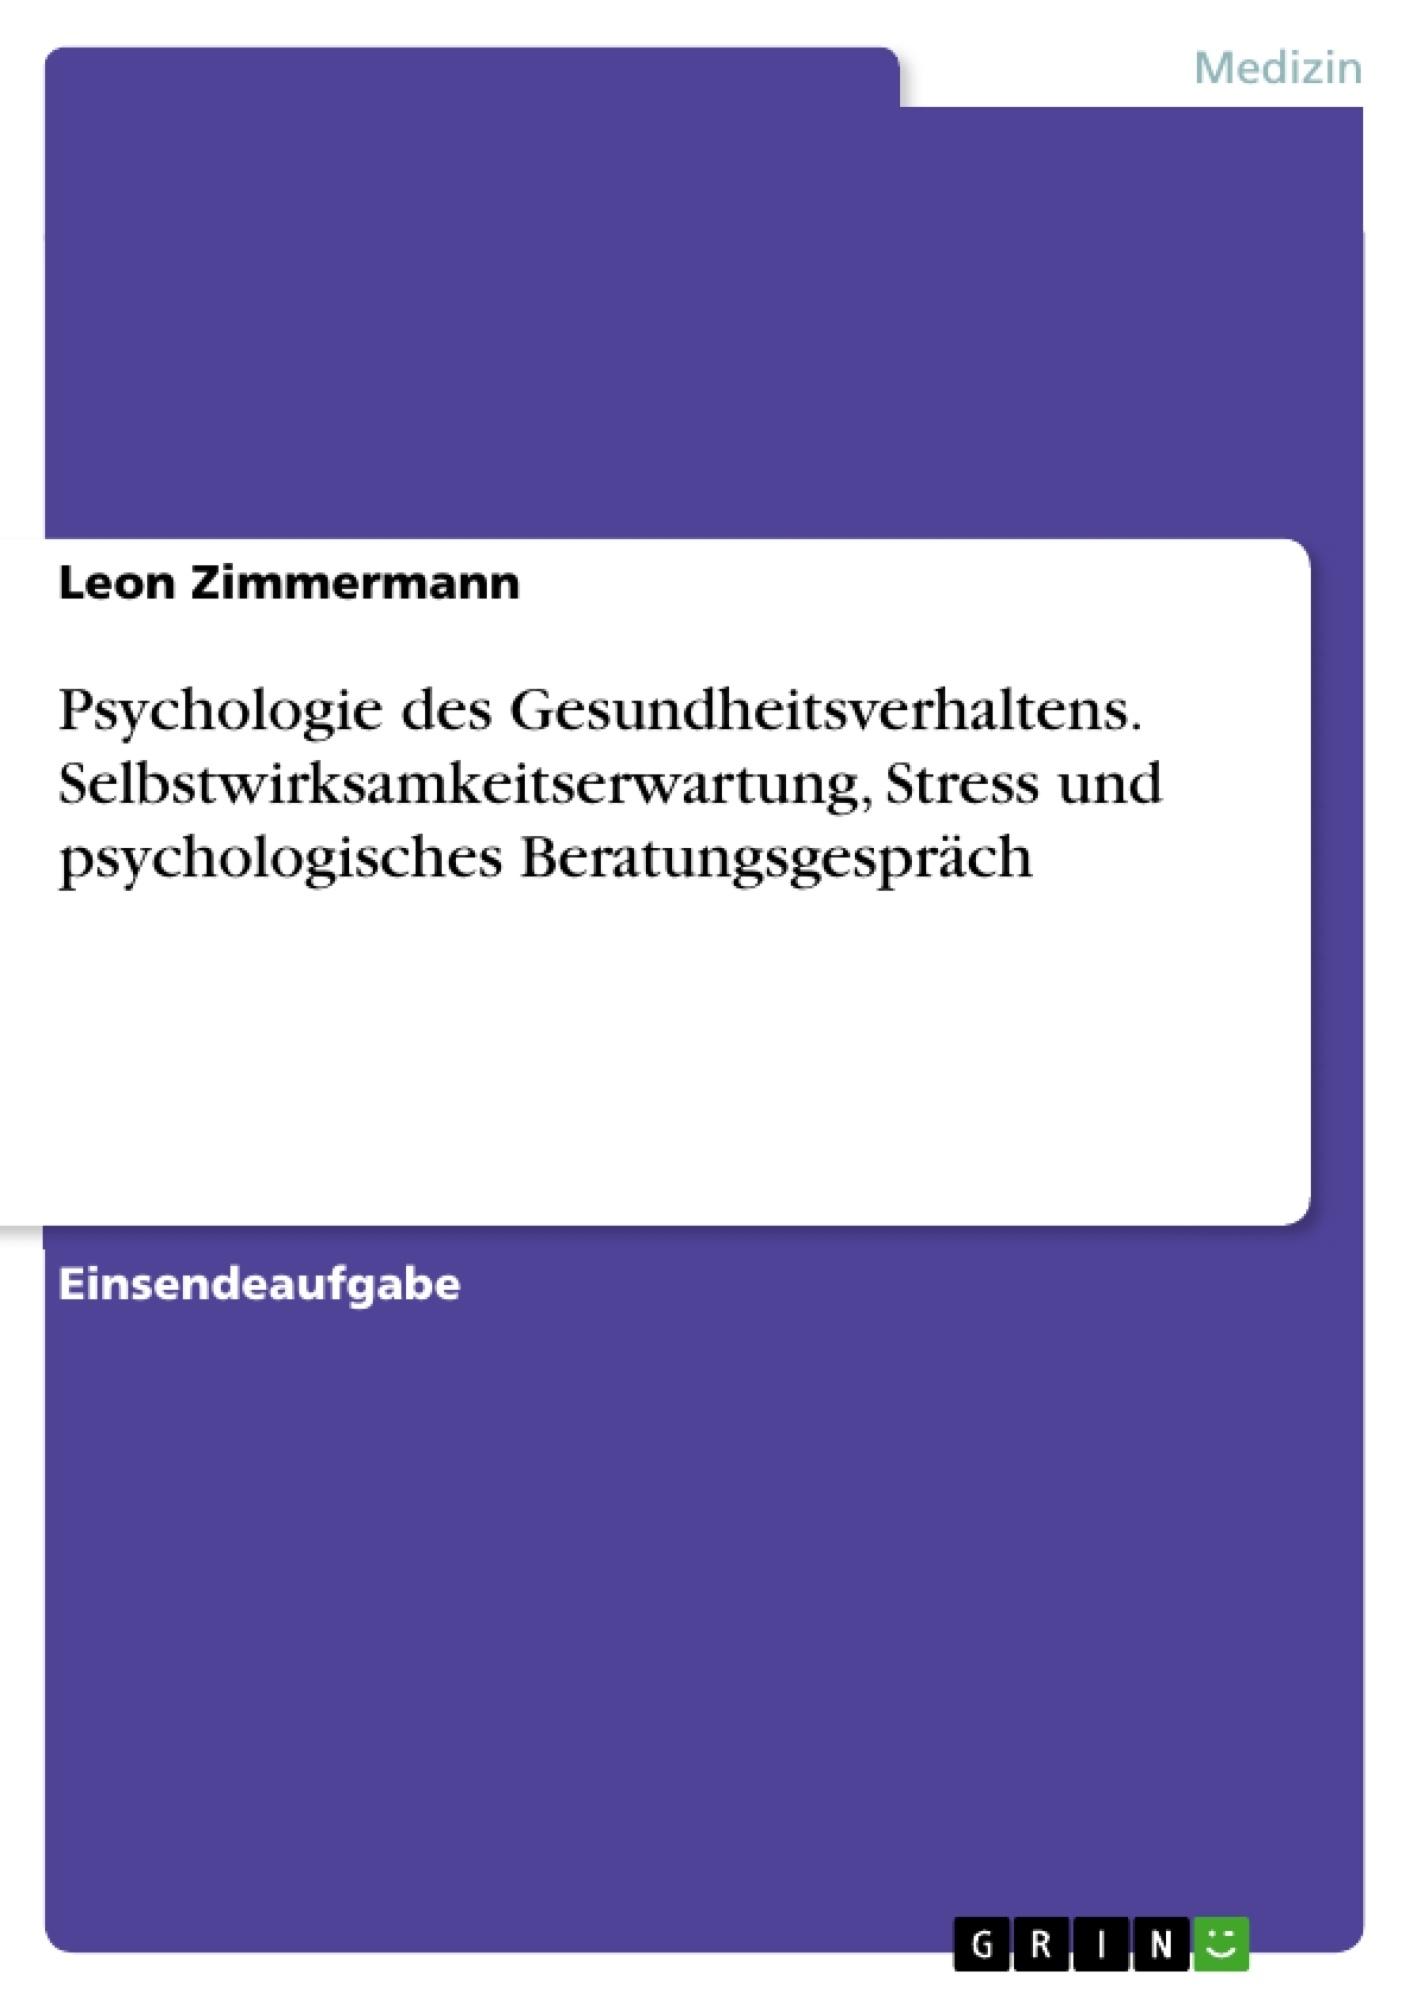 Titel: Psychologie des Gesundheitsverhaltens. Selbstwirksamkeitserwartung, Stress und psychologisches Beratungsgespräch